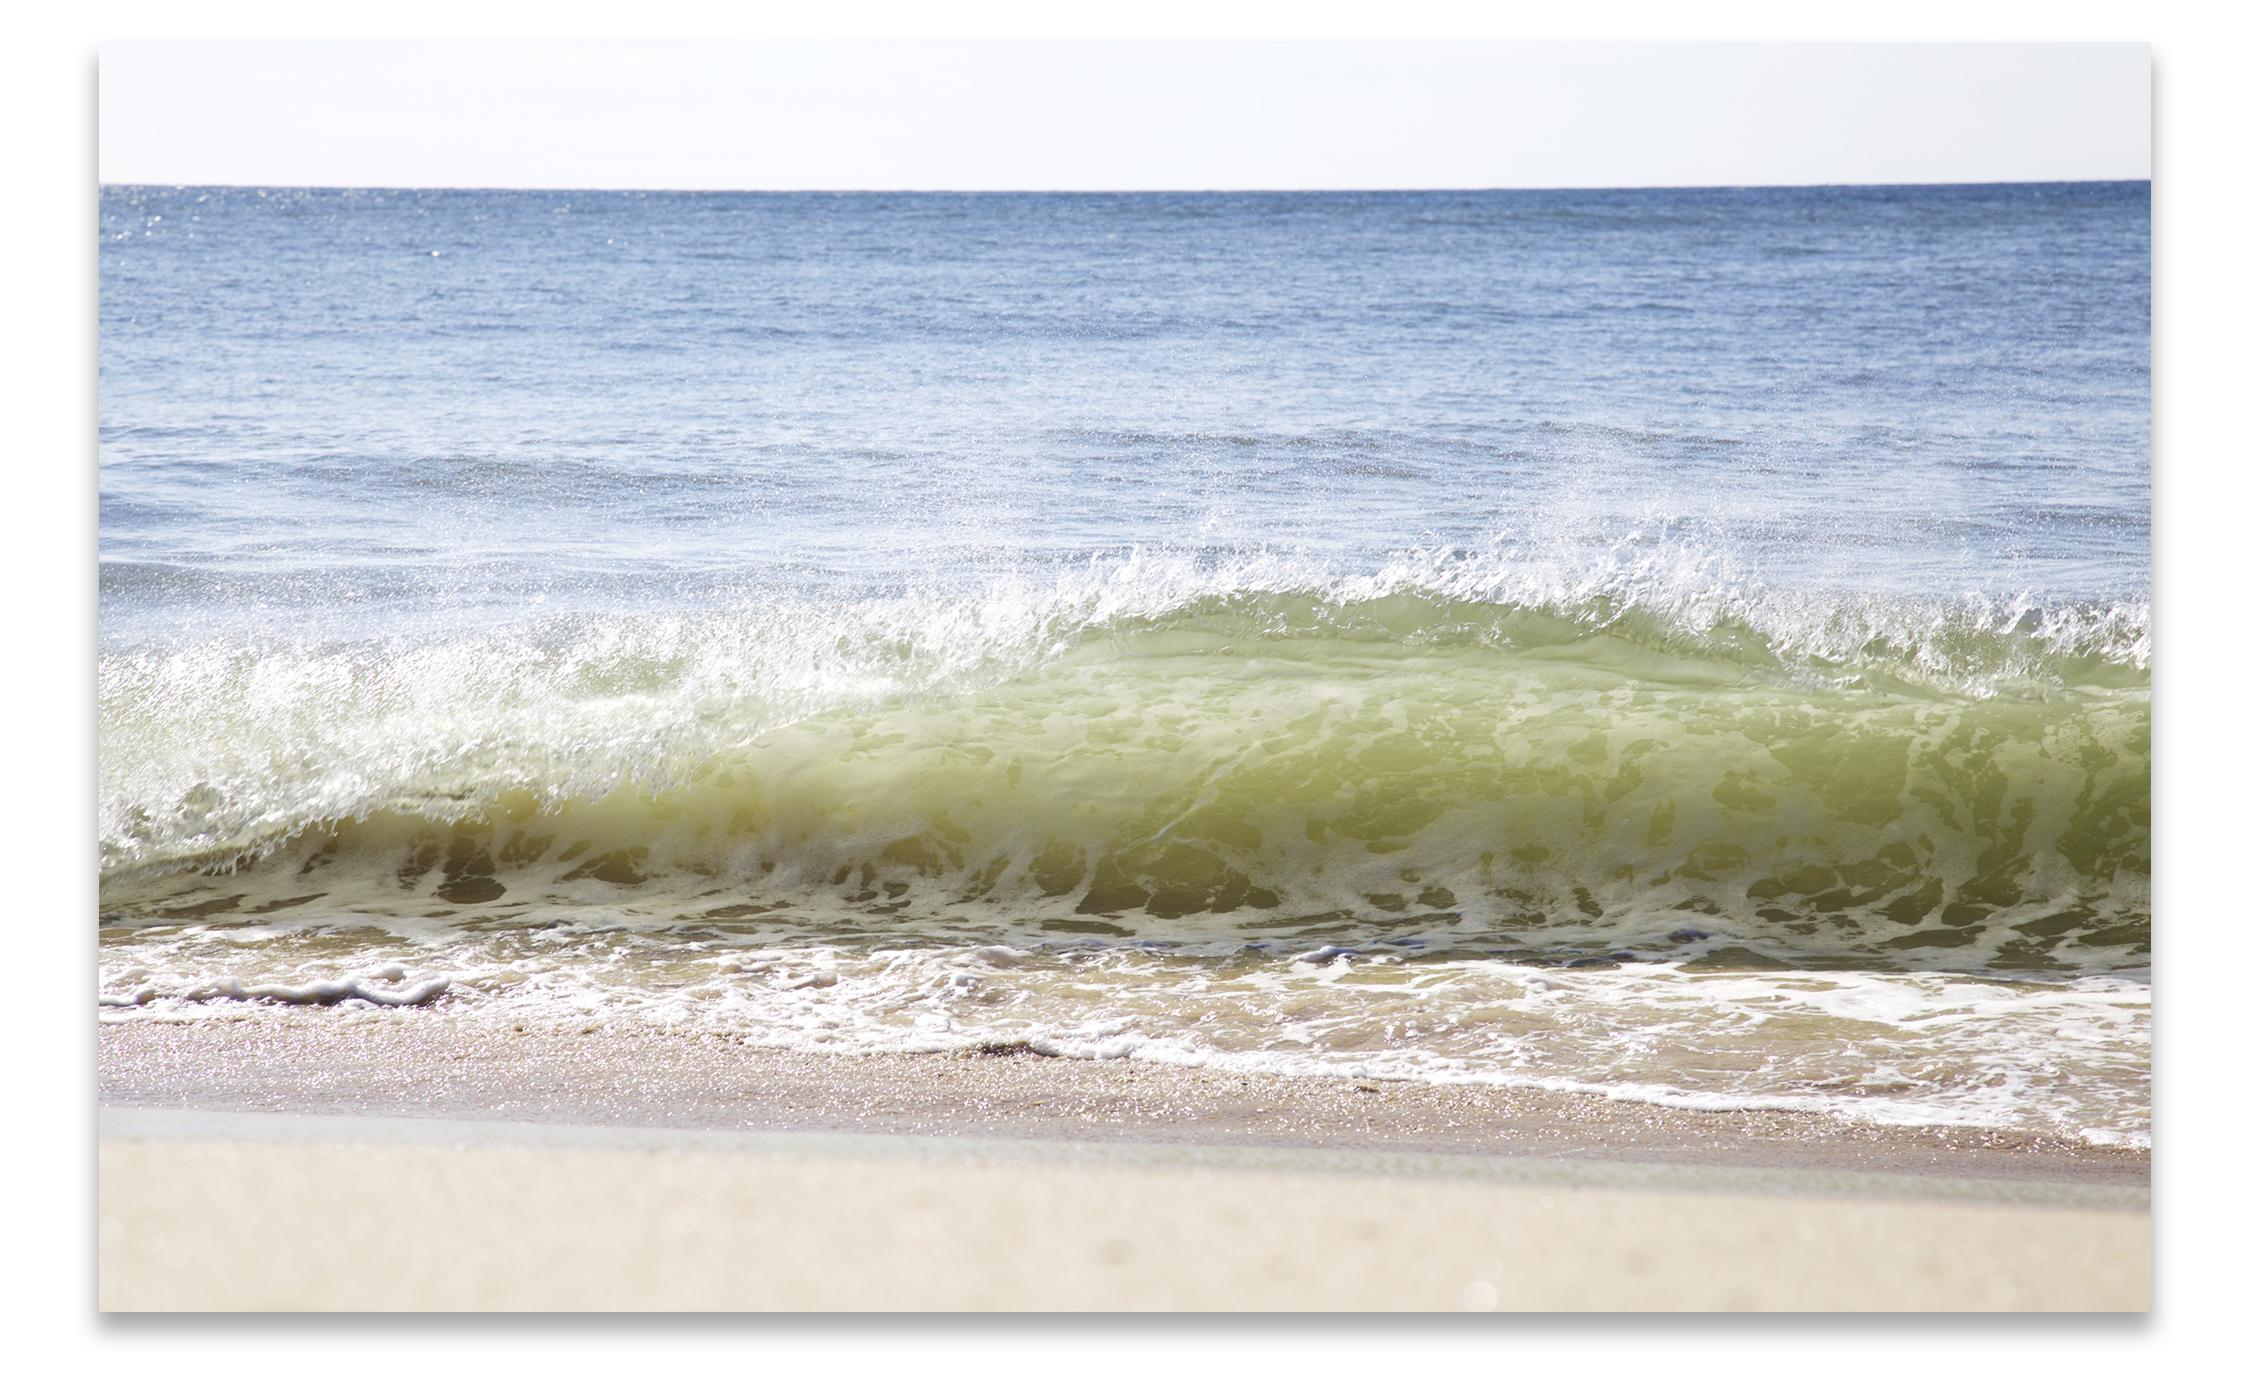 © OCEAN COMPOSITION No.4